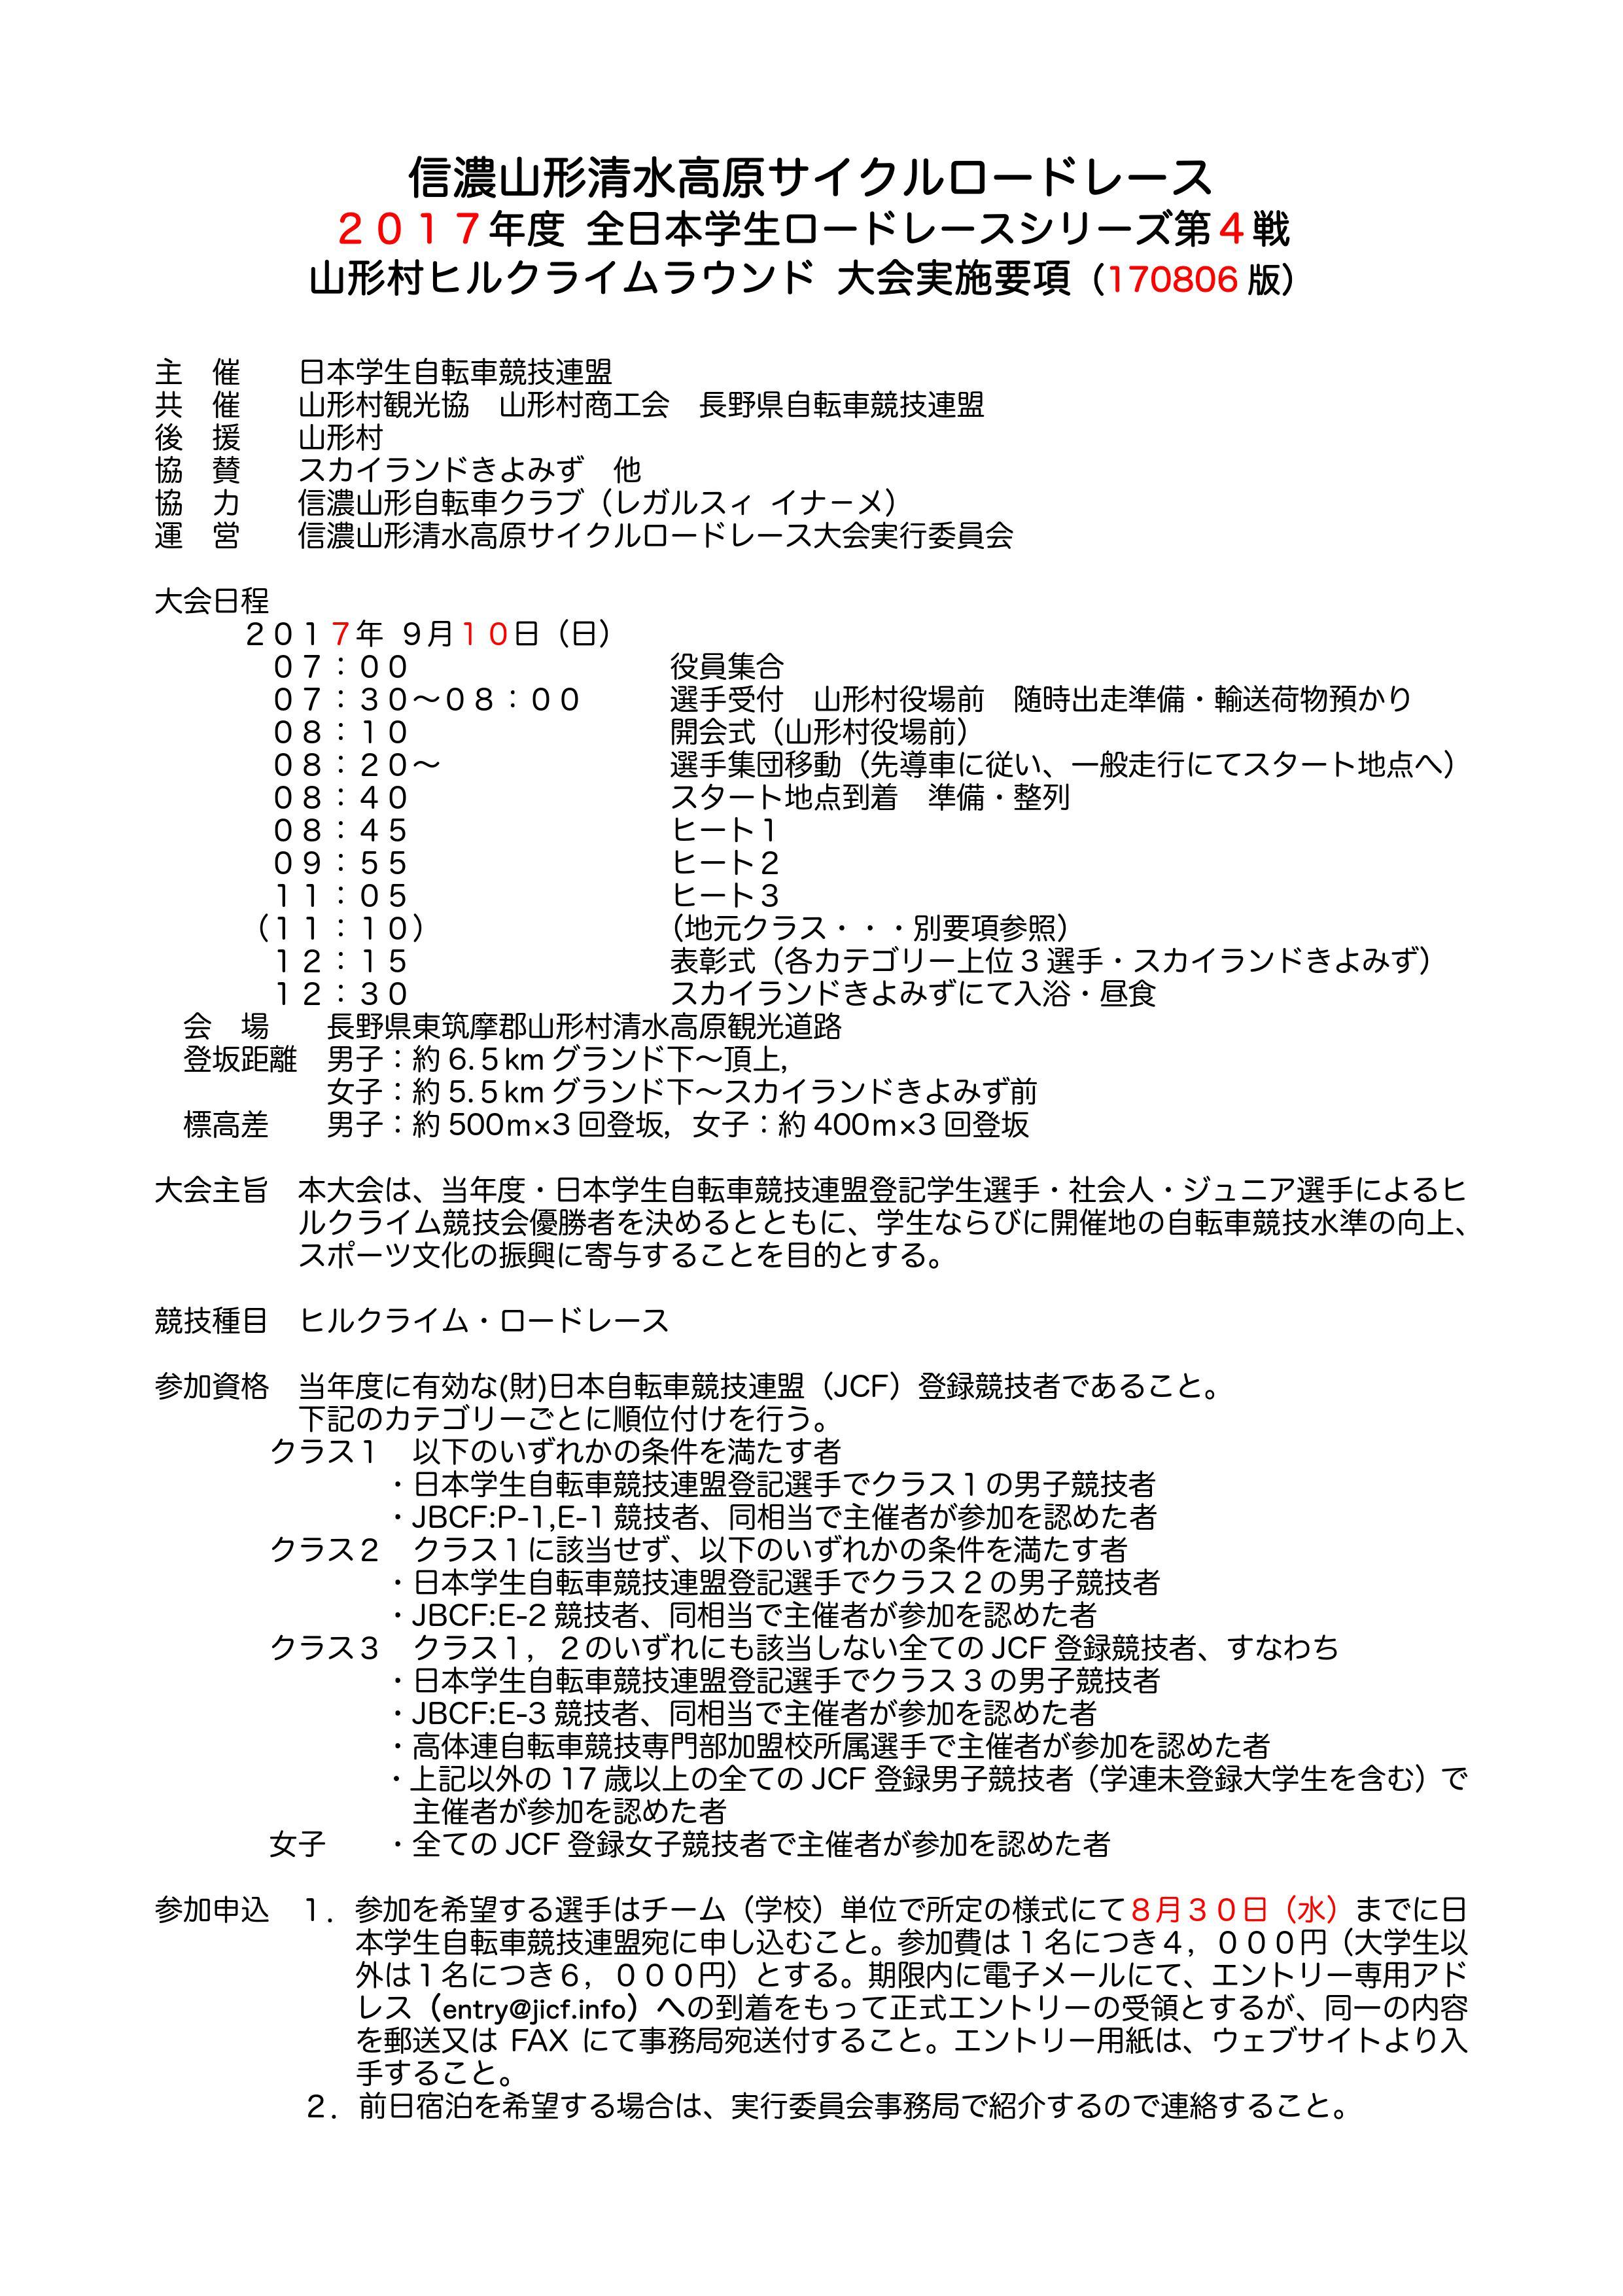 16rcs07_yoko_160804_01